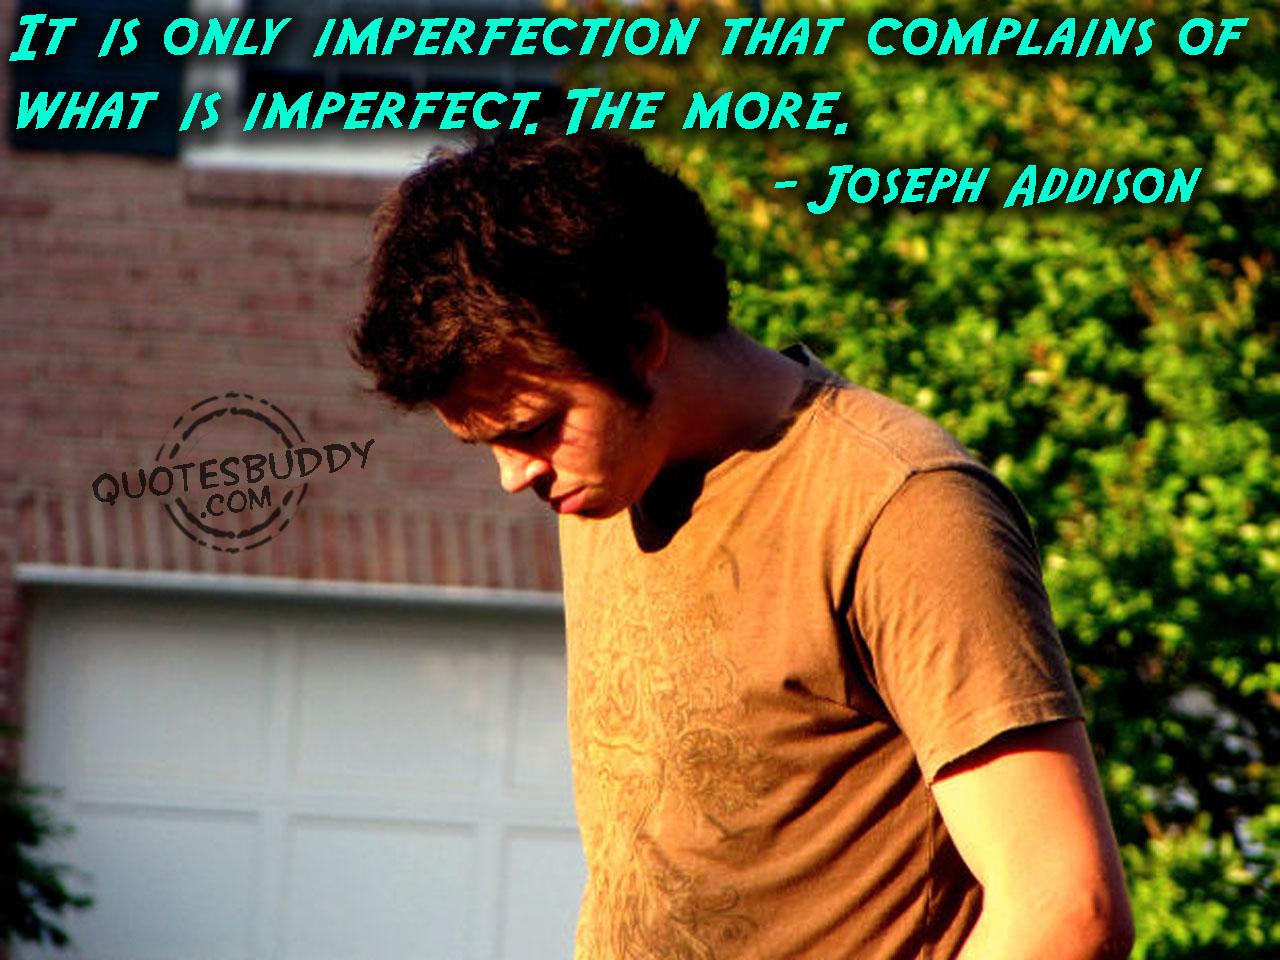 Complaints quote #1